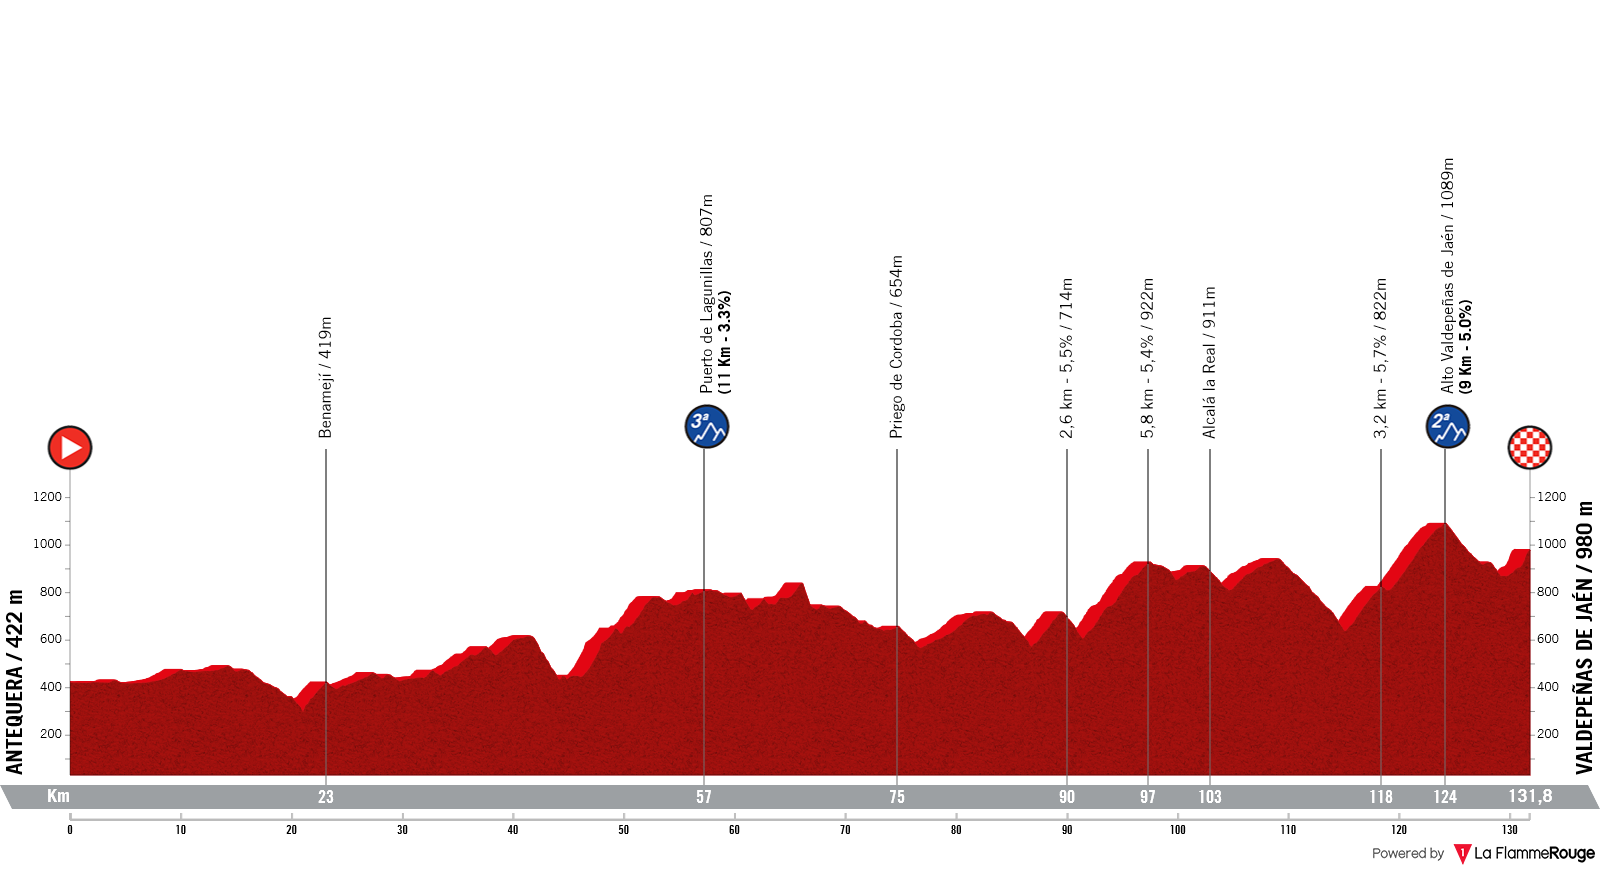 Etapa 11 - Vuelta España 2021 - Antequera Valdepeñas de Jaén